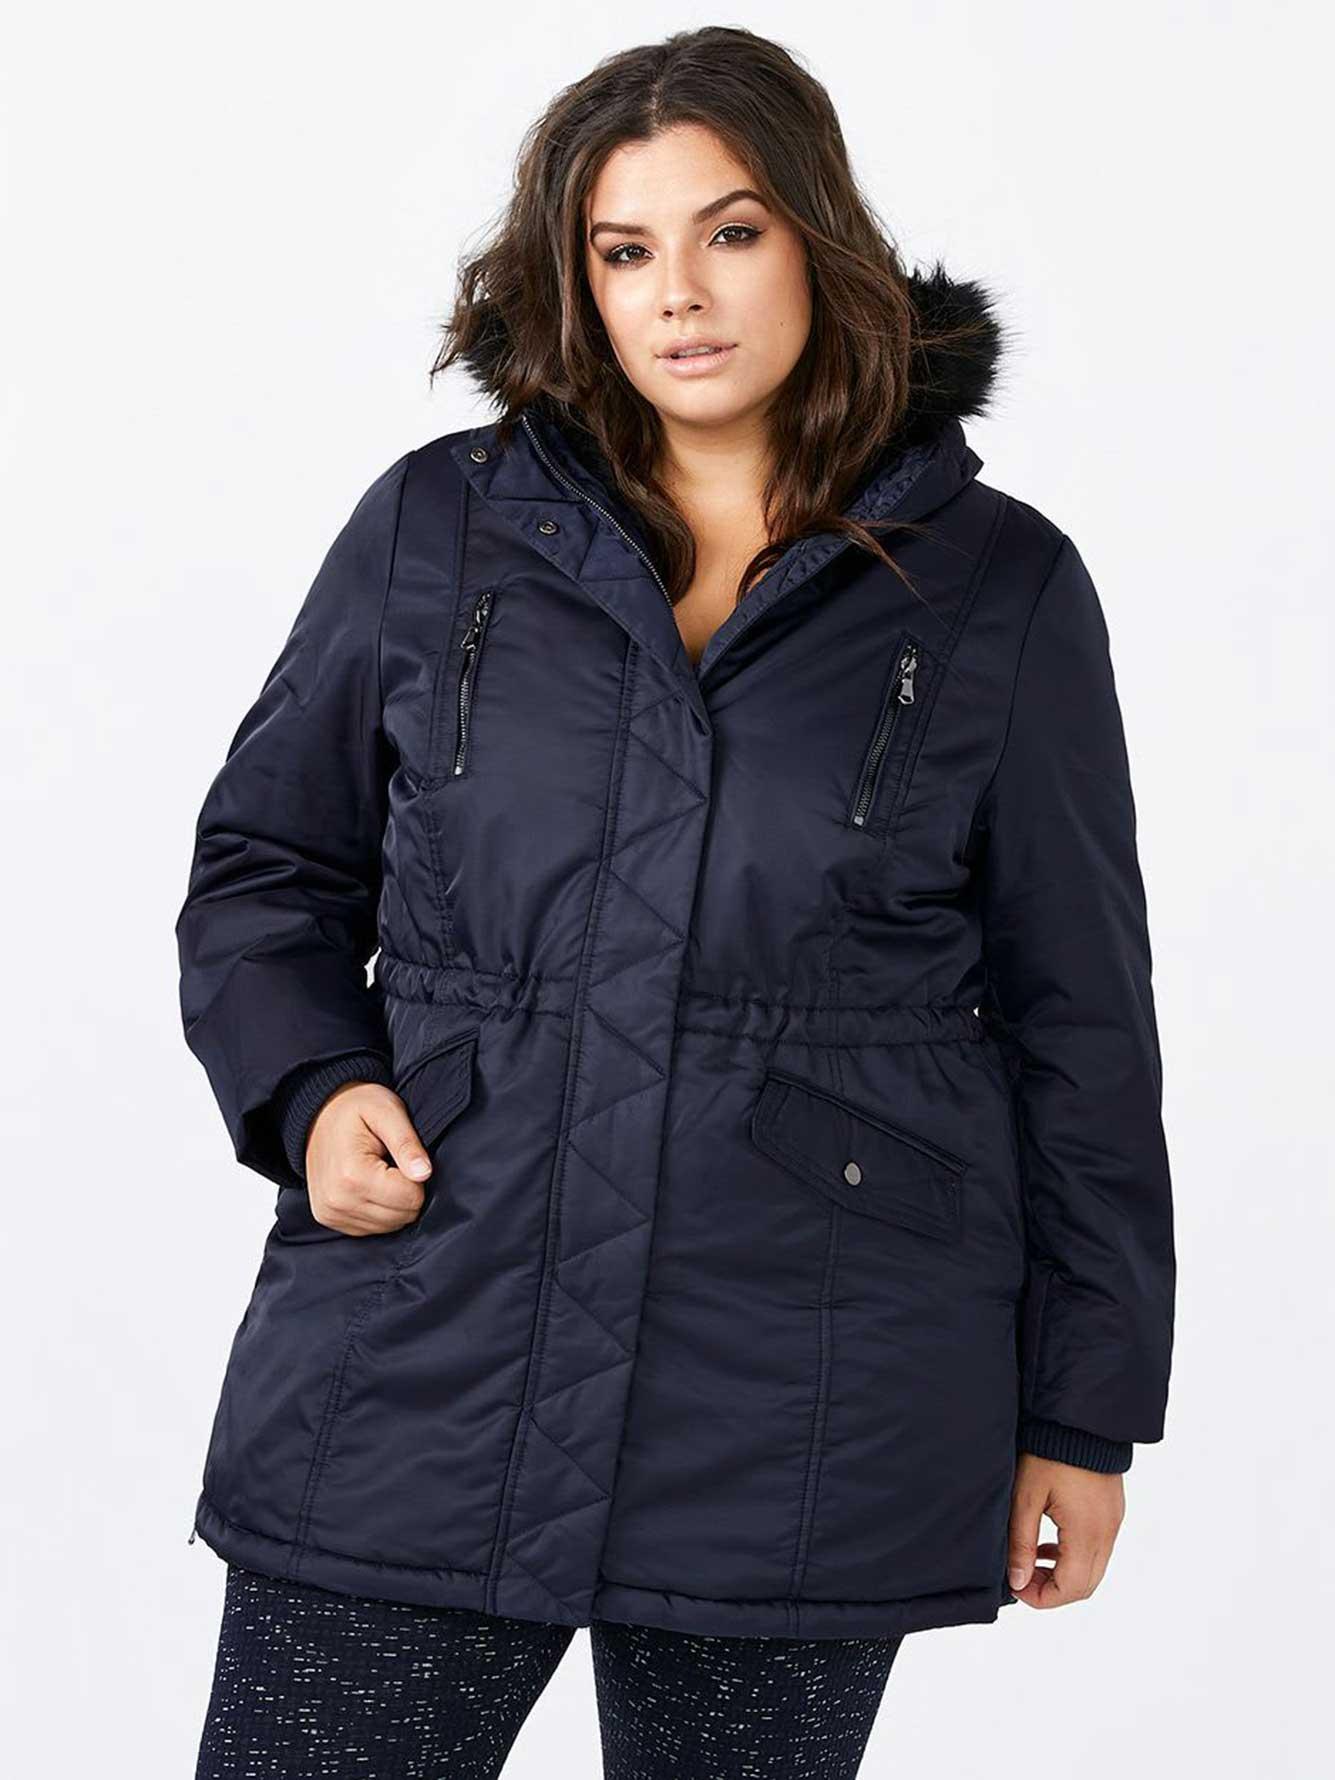 plus size coats & jackets |plus size clothing | penningtons